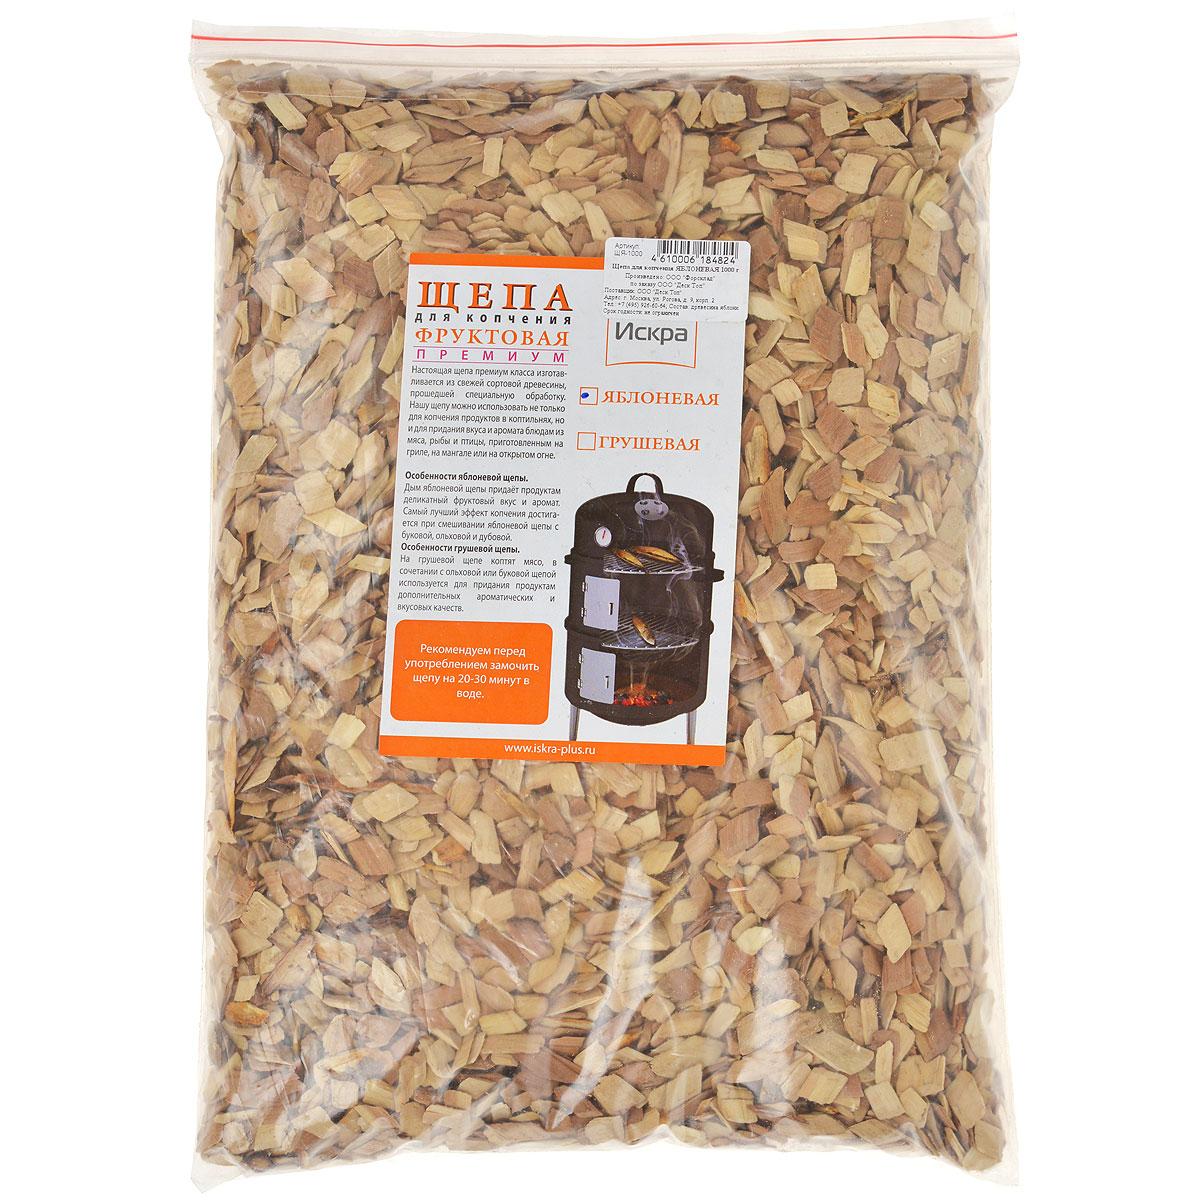 Щепа для копчения Искра Яблоневая, 1 кгЩЯ-1000Щепа для копчения Искра Яблоневая - это настоящая щепа премиум класса, которая изготавливается из свежей сортовой древесины, прошедшей специальную обработку. Такую щепу можно использовать не только для копчения в коптильнях, но и для придания вкуса и аромата блюдам из мяса, рыбы и птицы, приготовленным на гриле, на мангале или на открытом огне. Дым яблоневой щепы придает продуктам деликатный фруктовый вкус и аромат. Самый лучший эффект копчения достигается при смешивания яблоневой щепы с буковой, ольховой и дубовой. Рекомендуется перед употреблением замочить щепу на 20-30 минут в воде.Фракция: 3-8 мм.Вес: 1 кг.Влажность: 15-20%.